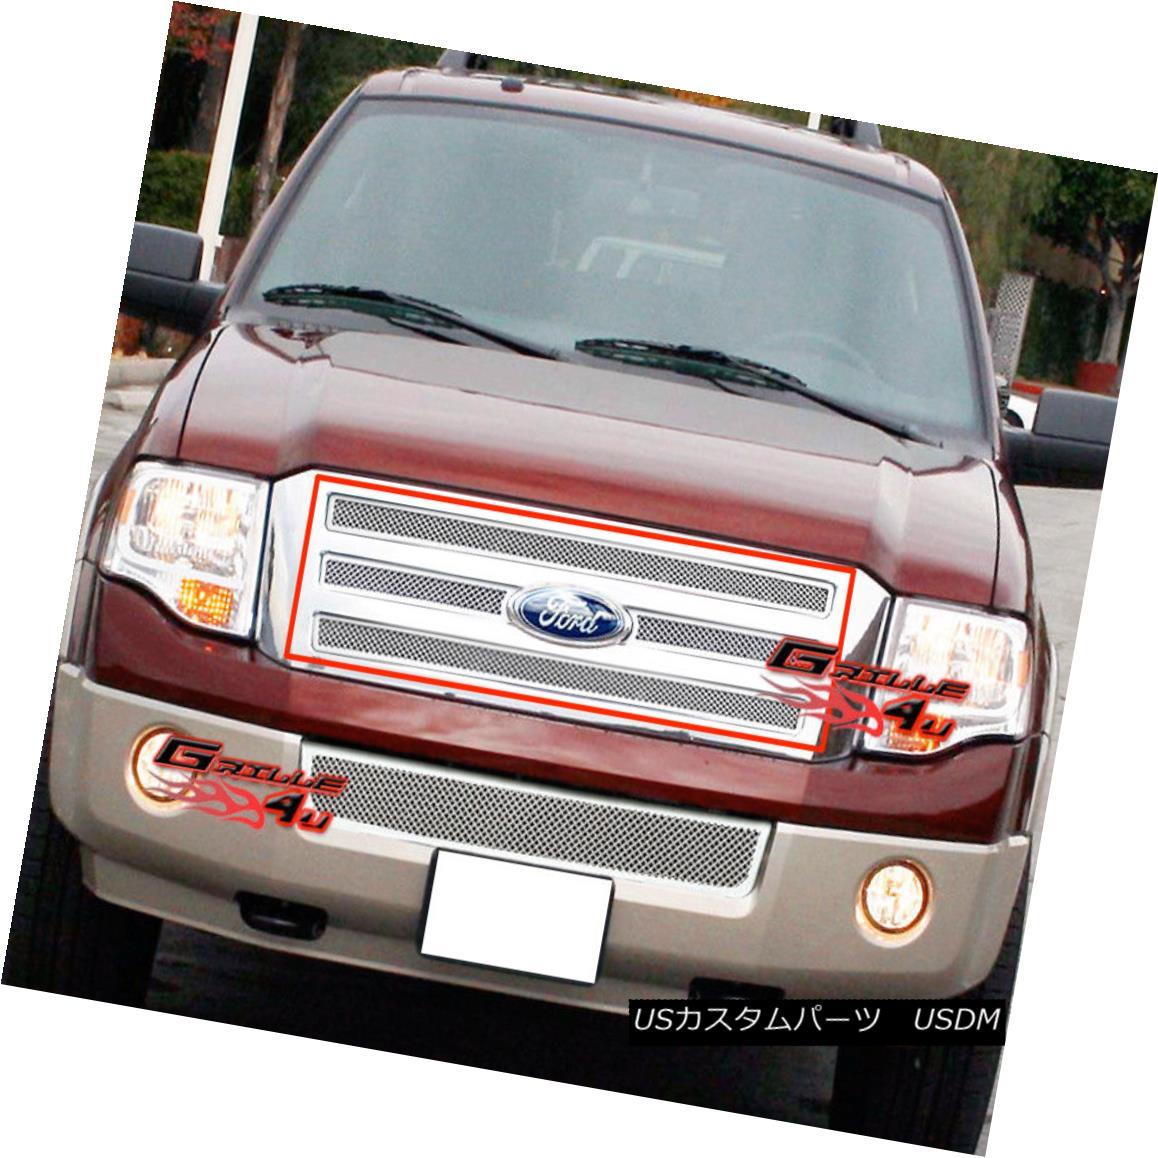 グリル Fits 2007-2014 Ford Expedition Stainless Steel Mesh Grille Grill Insert 2007?2014 Ford Expeditionステンレスメッシュグリルグリルインサート